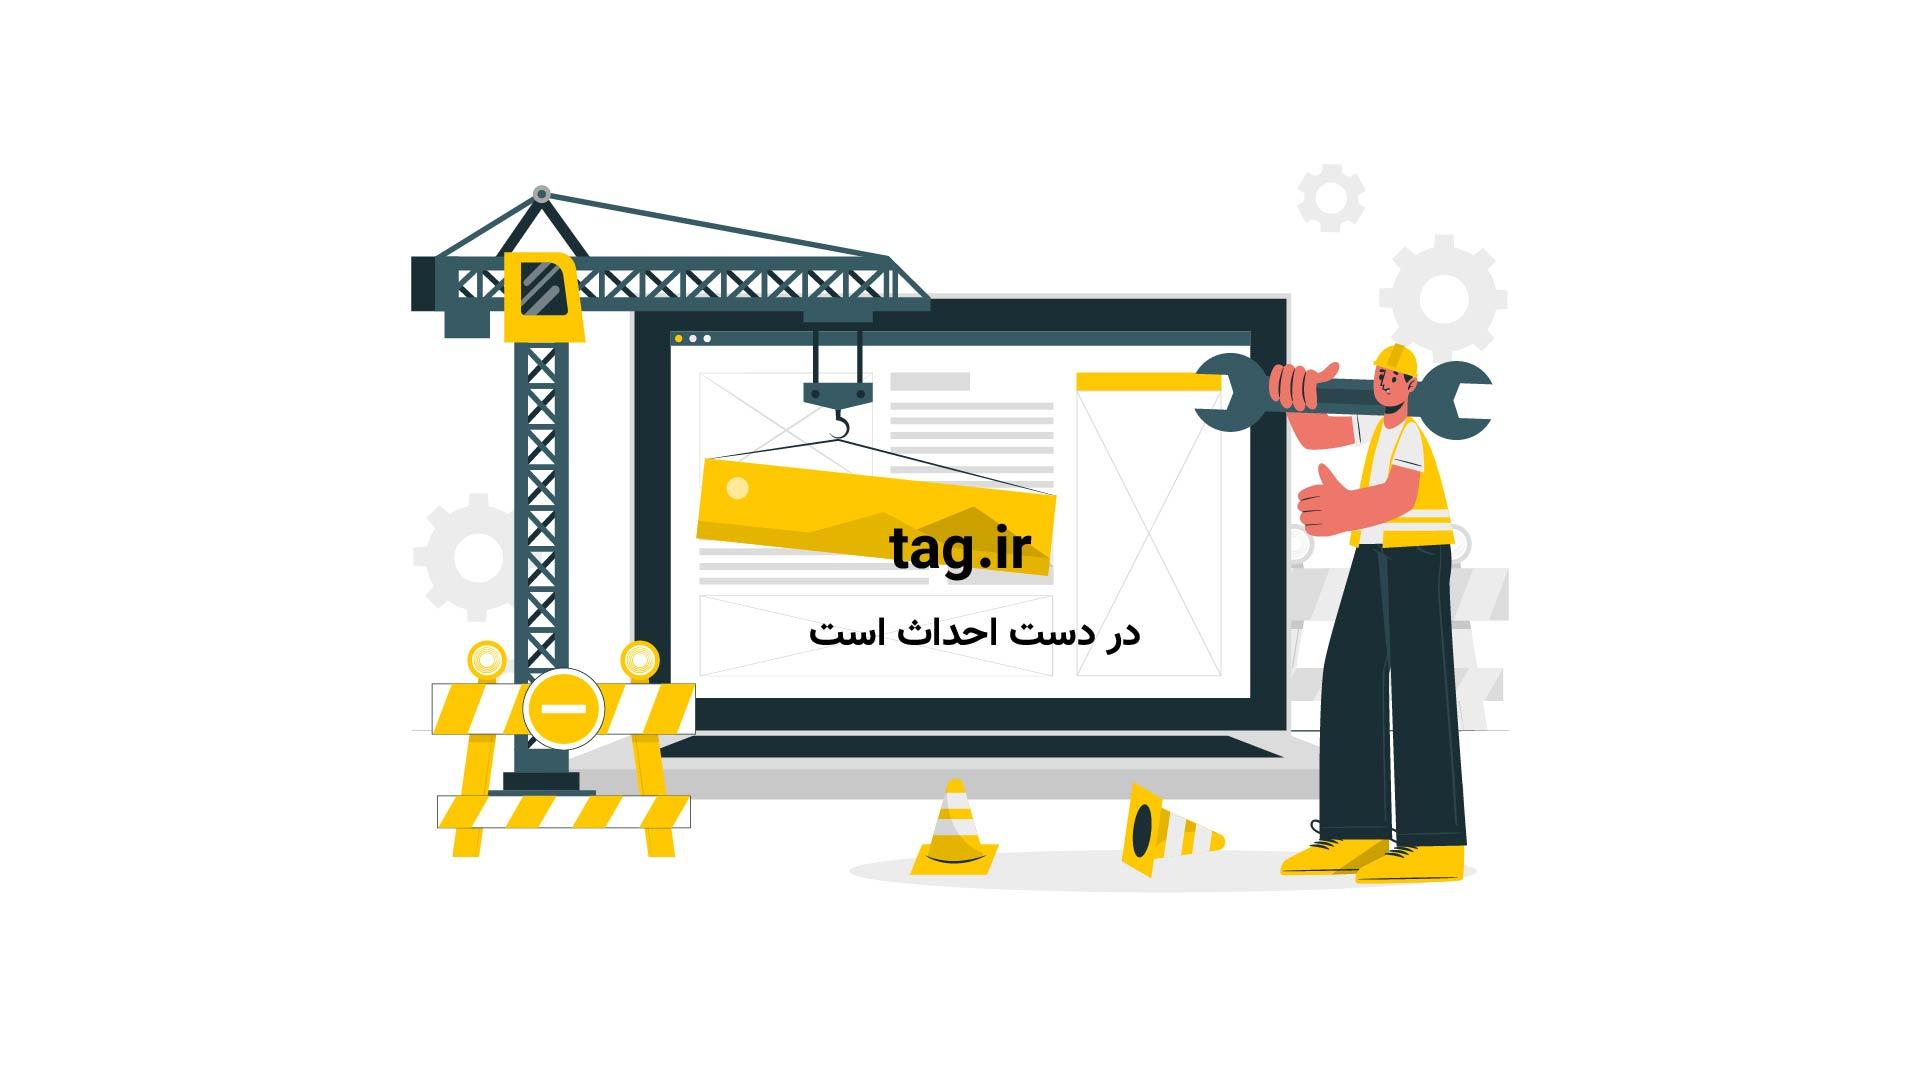 دونالد ترامپ و ماریو اندرتی؛ قهرمان فرمول یک در کورس مشترک خیابانی | فیلم